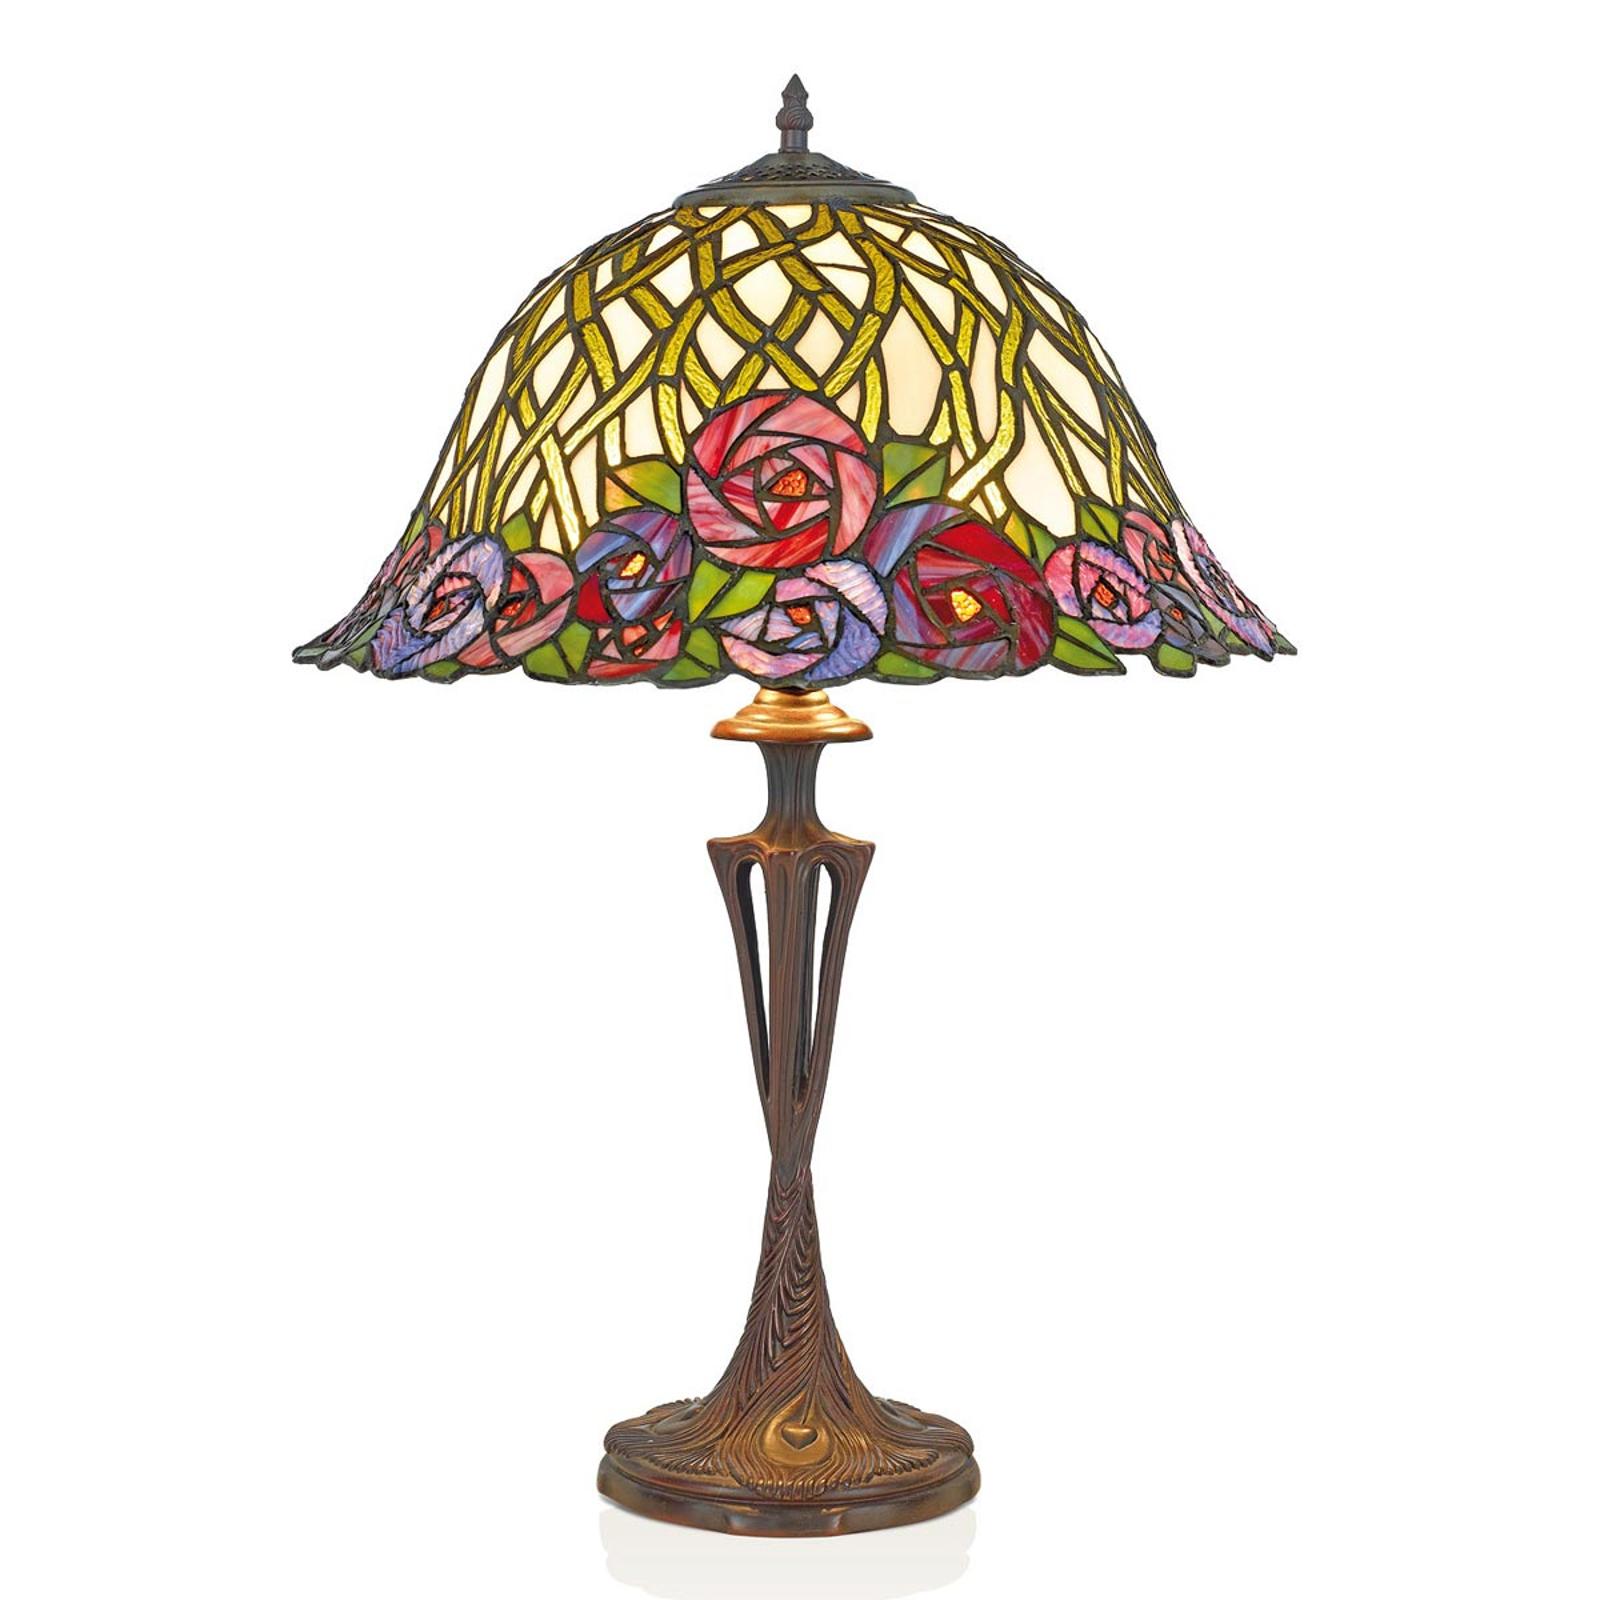 Lampa stołowa Melika w stylu Tiffany